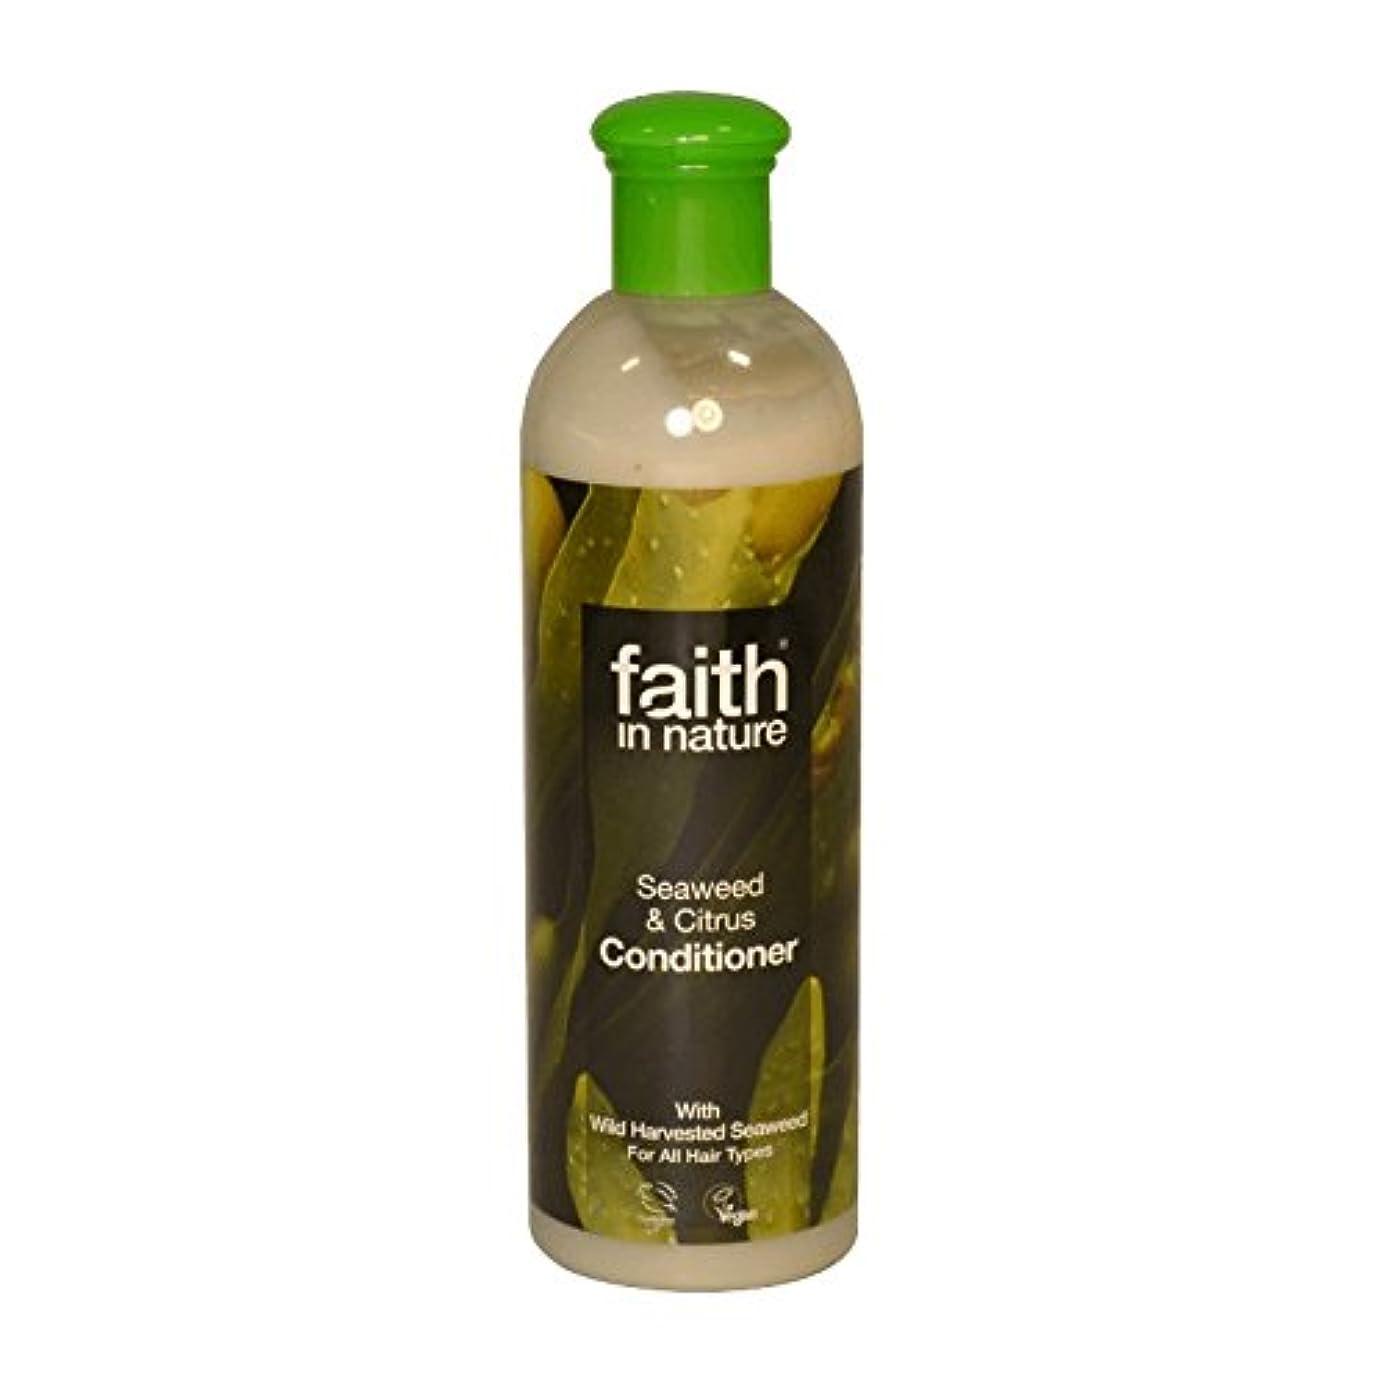 郵便屋さんモッキンバード船員自然の海藻&シトラスコンディショナー400ミリリットルの信仰 - Faith in Nature Seaweed & Citrus Conditioner 400ml (Faith in Nature) [並行輸入品]